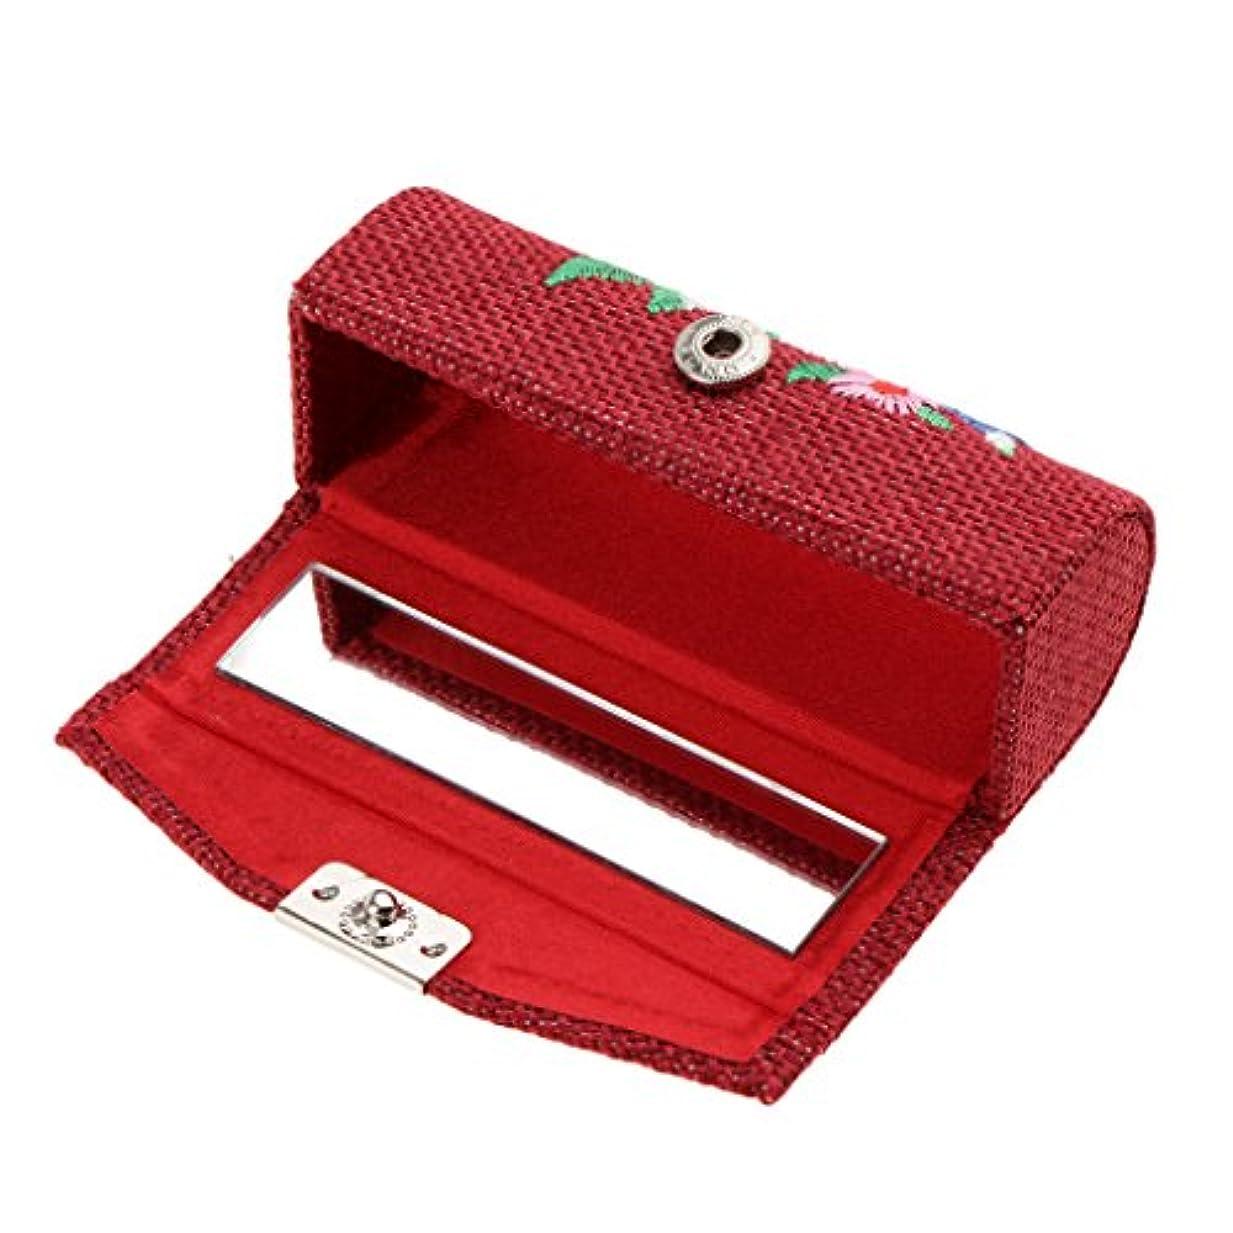 Perfk 化粧ポーチ 口紅ホルダー リップグロス 収納ケース ジュエリー ストレージ メイクアップ ミラー付き 高品質 プレゼント 6色選べる - ワインレッド